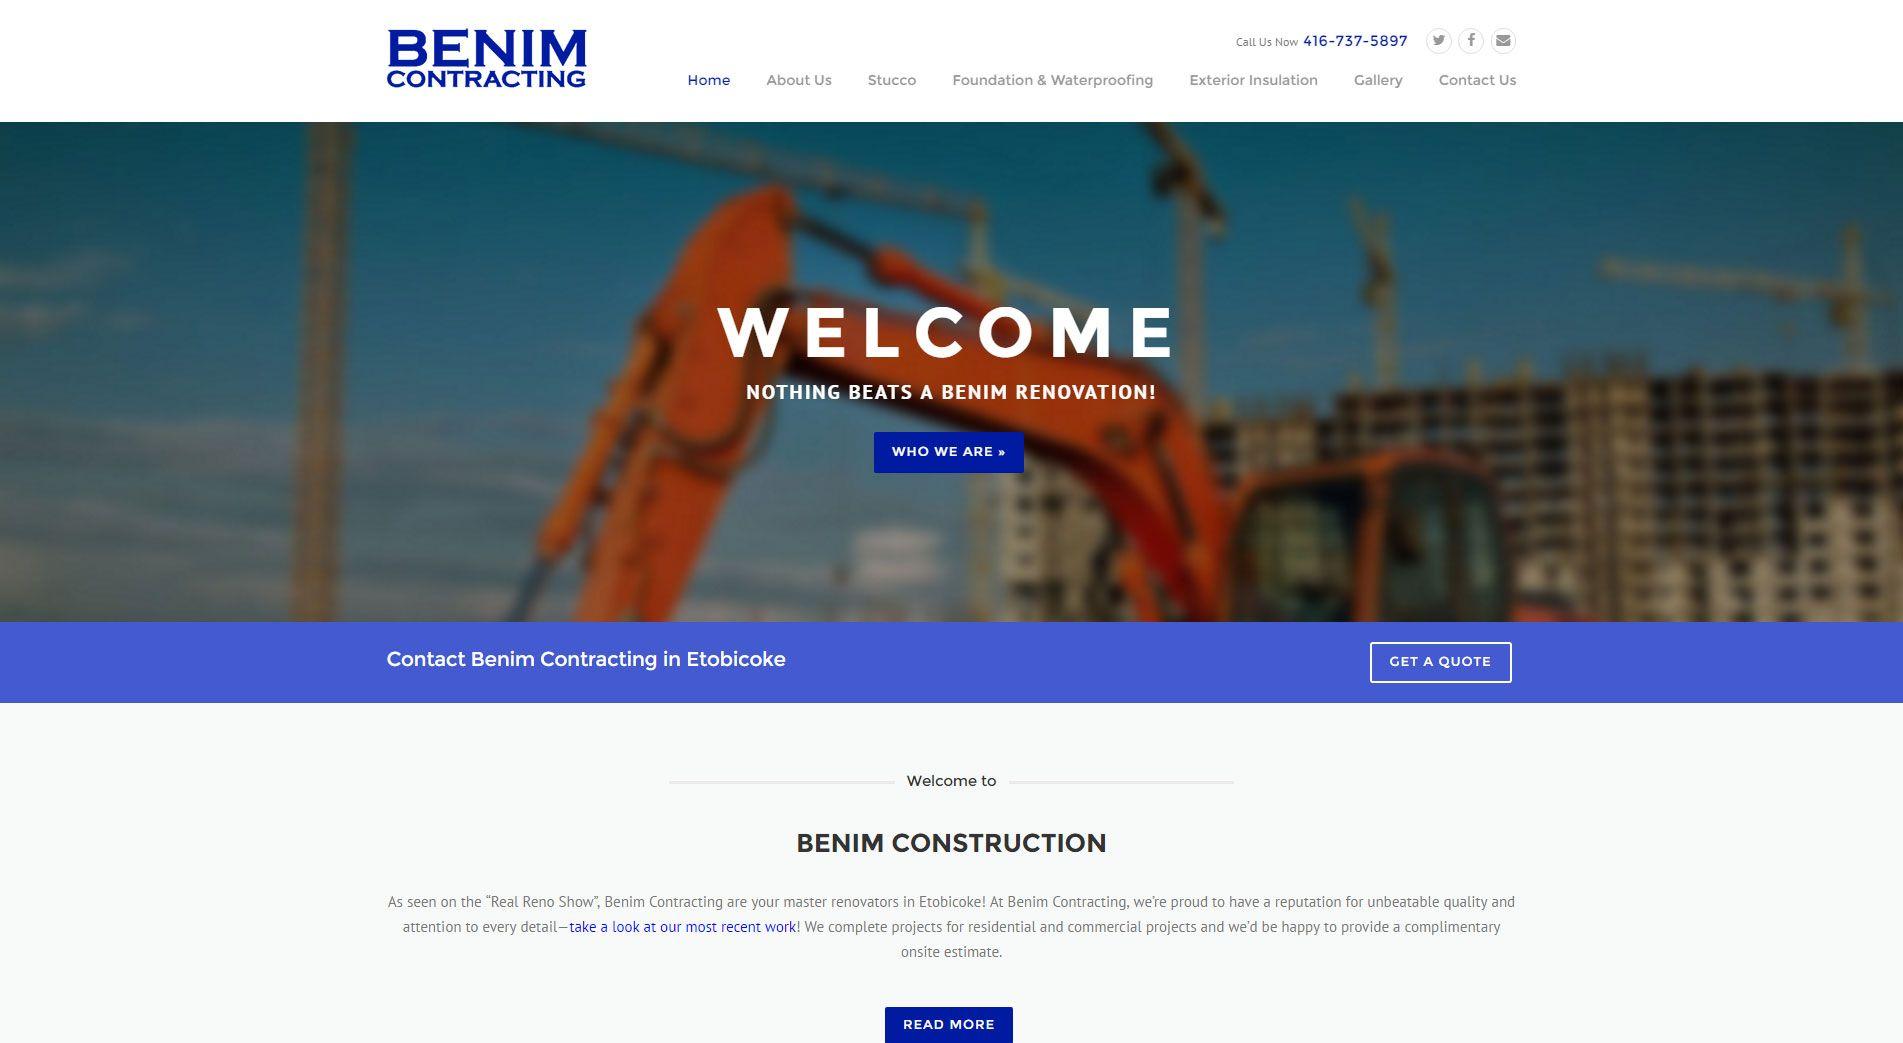 Benim Contracting Website